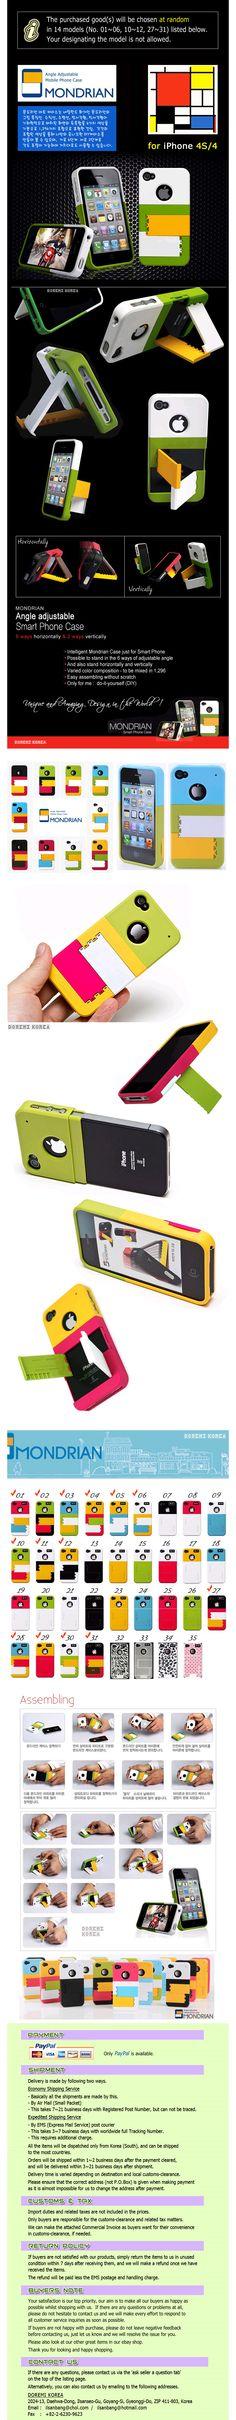 MONDRIAN iPhone 4S